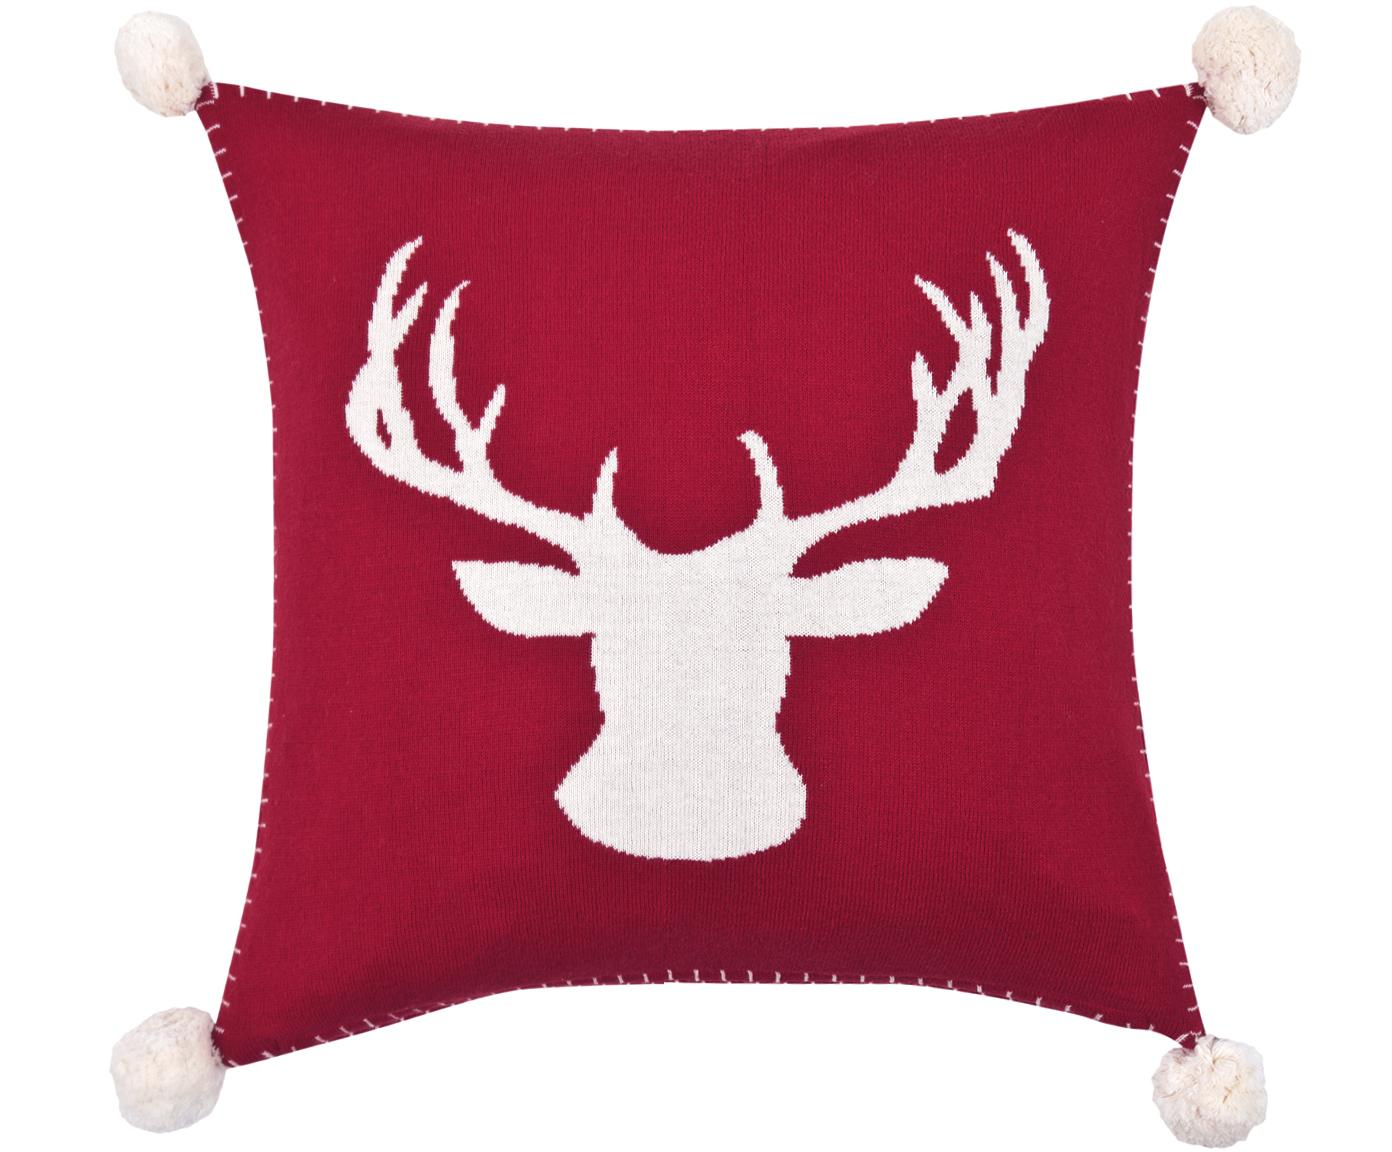 Federa arredo natalizia lavorata a maglia Anders, Cotone, Rosso, crema, Larg. 40 x Lung. 40 cm